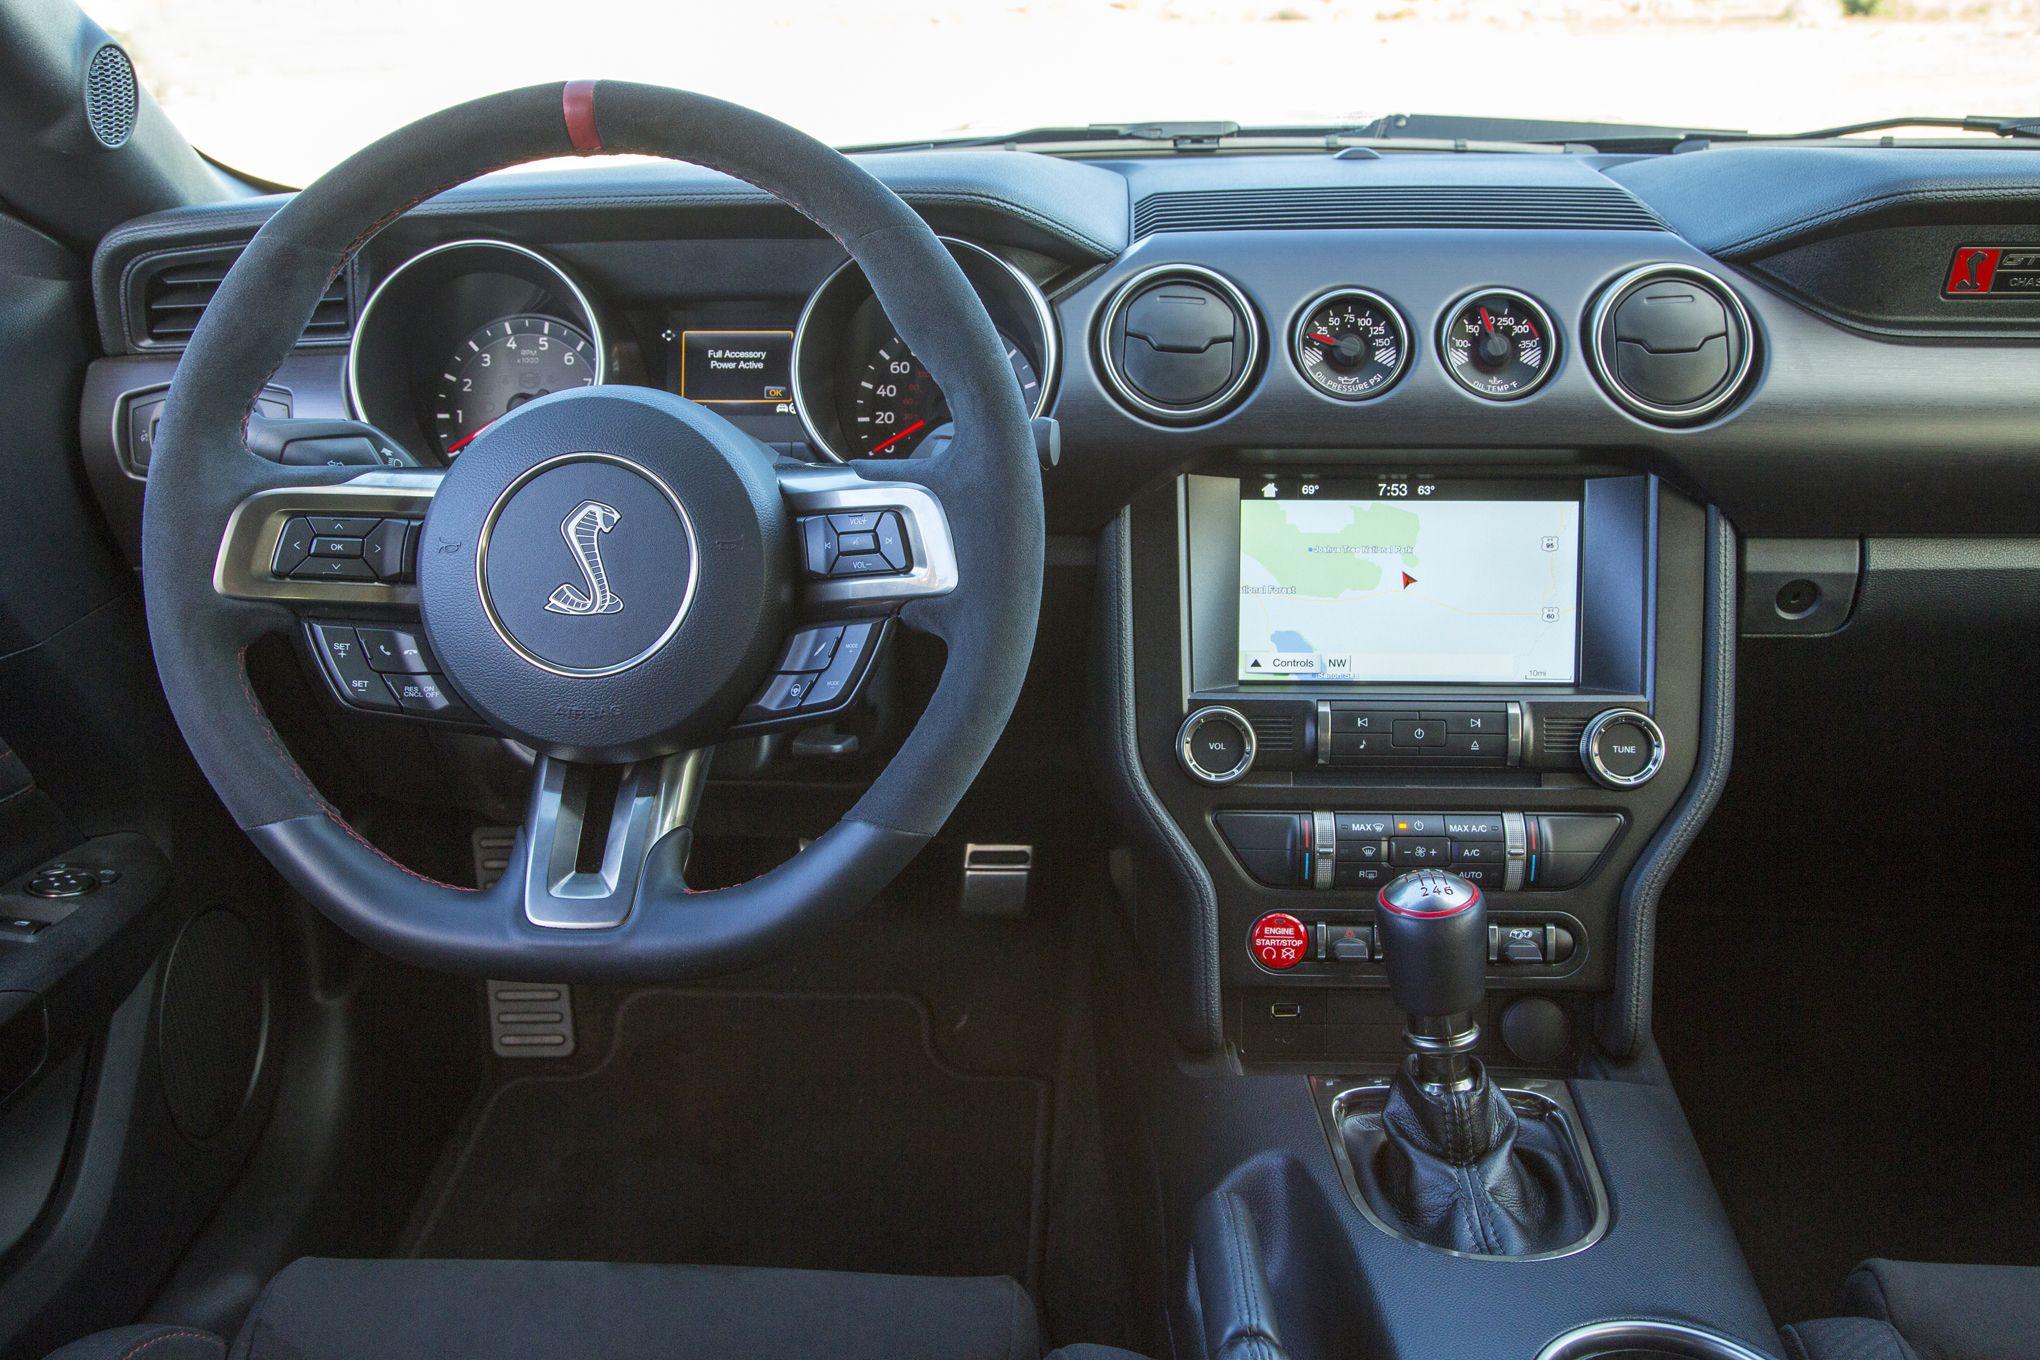 Ford Shelby Gt350r Interior >> Resultats De Recherche D Images Pour Shelby Gt350r Interior